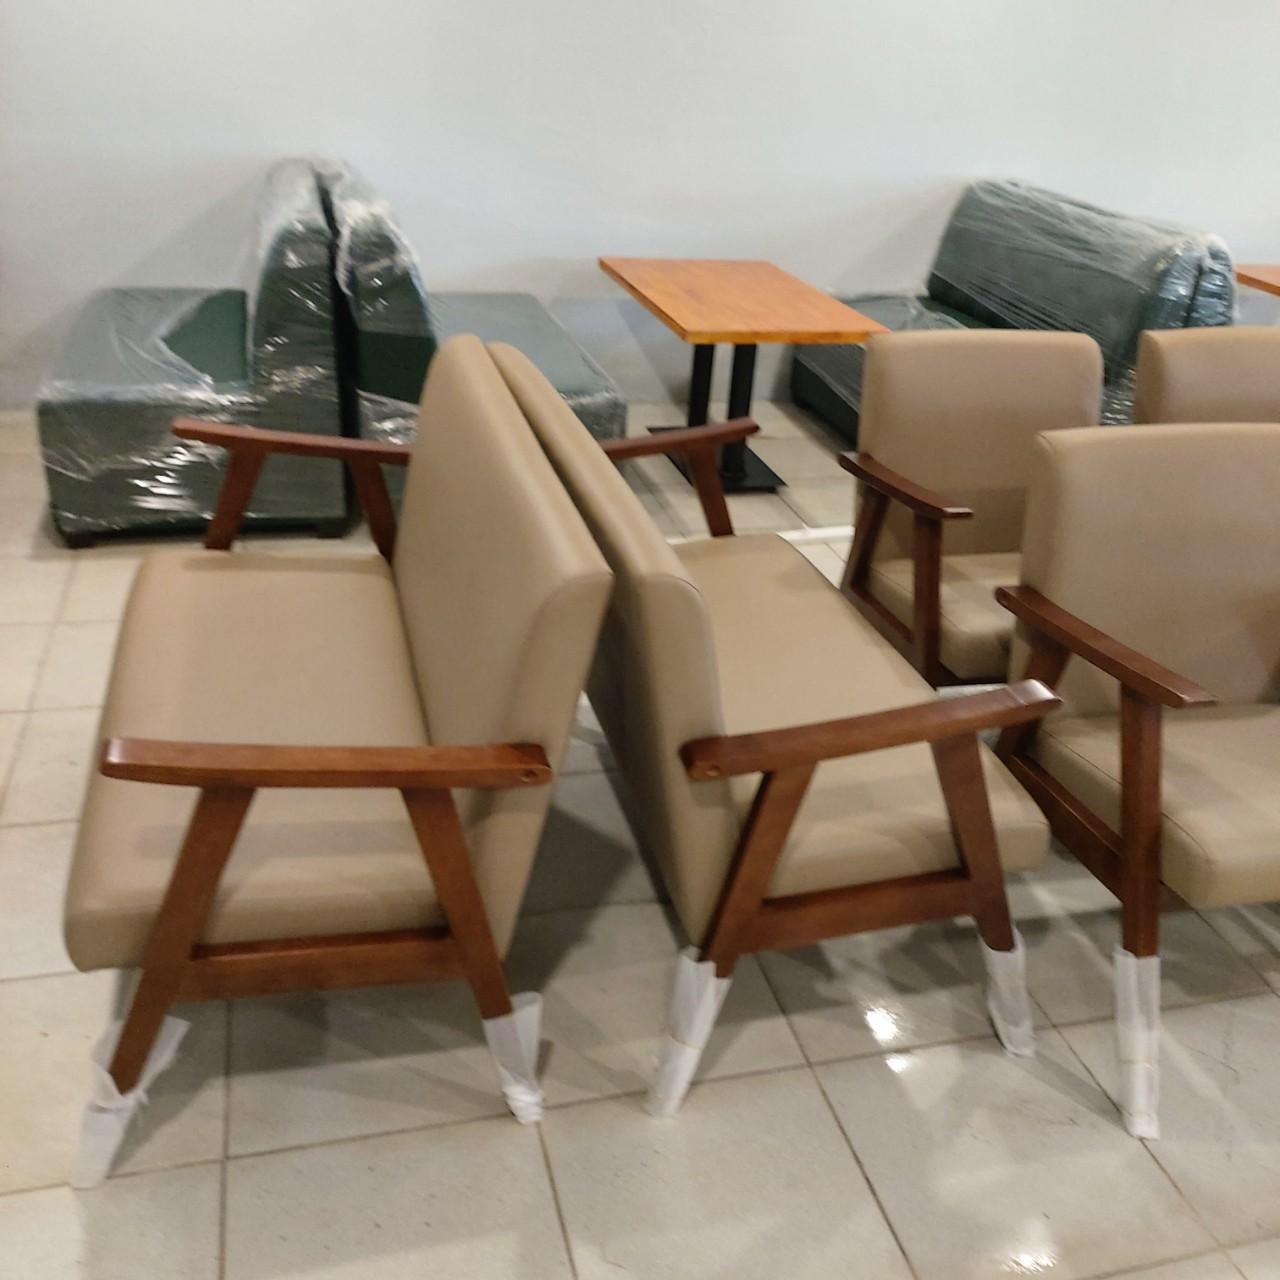 Kinh nghiệm lựa chọn bàn ghế cà phê phù hợp - Tư vấn từ đối tác MuaBanNhanh